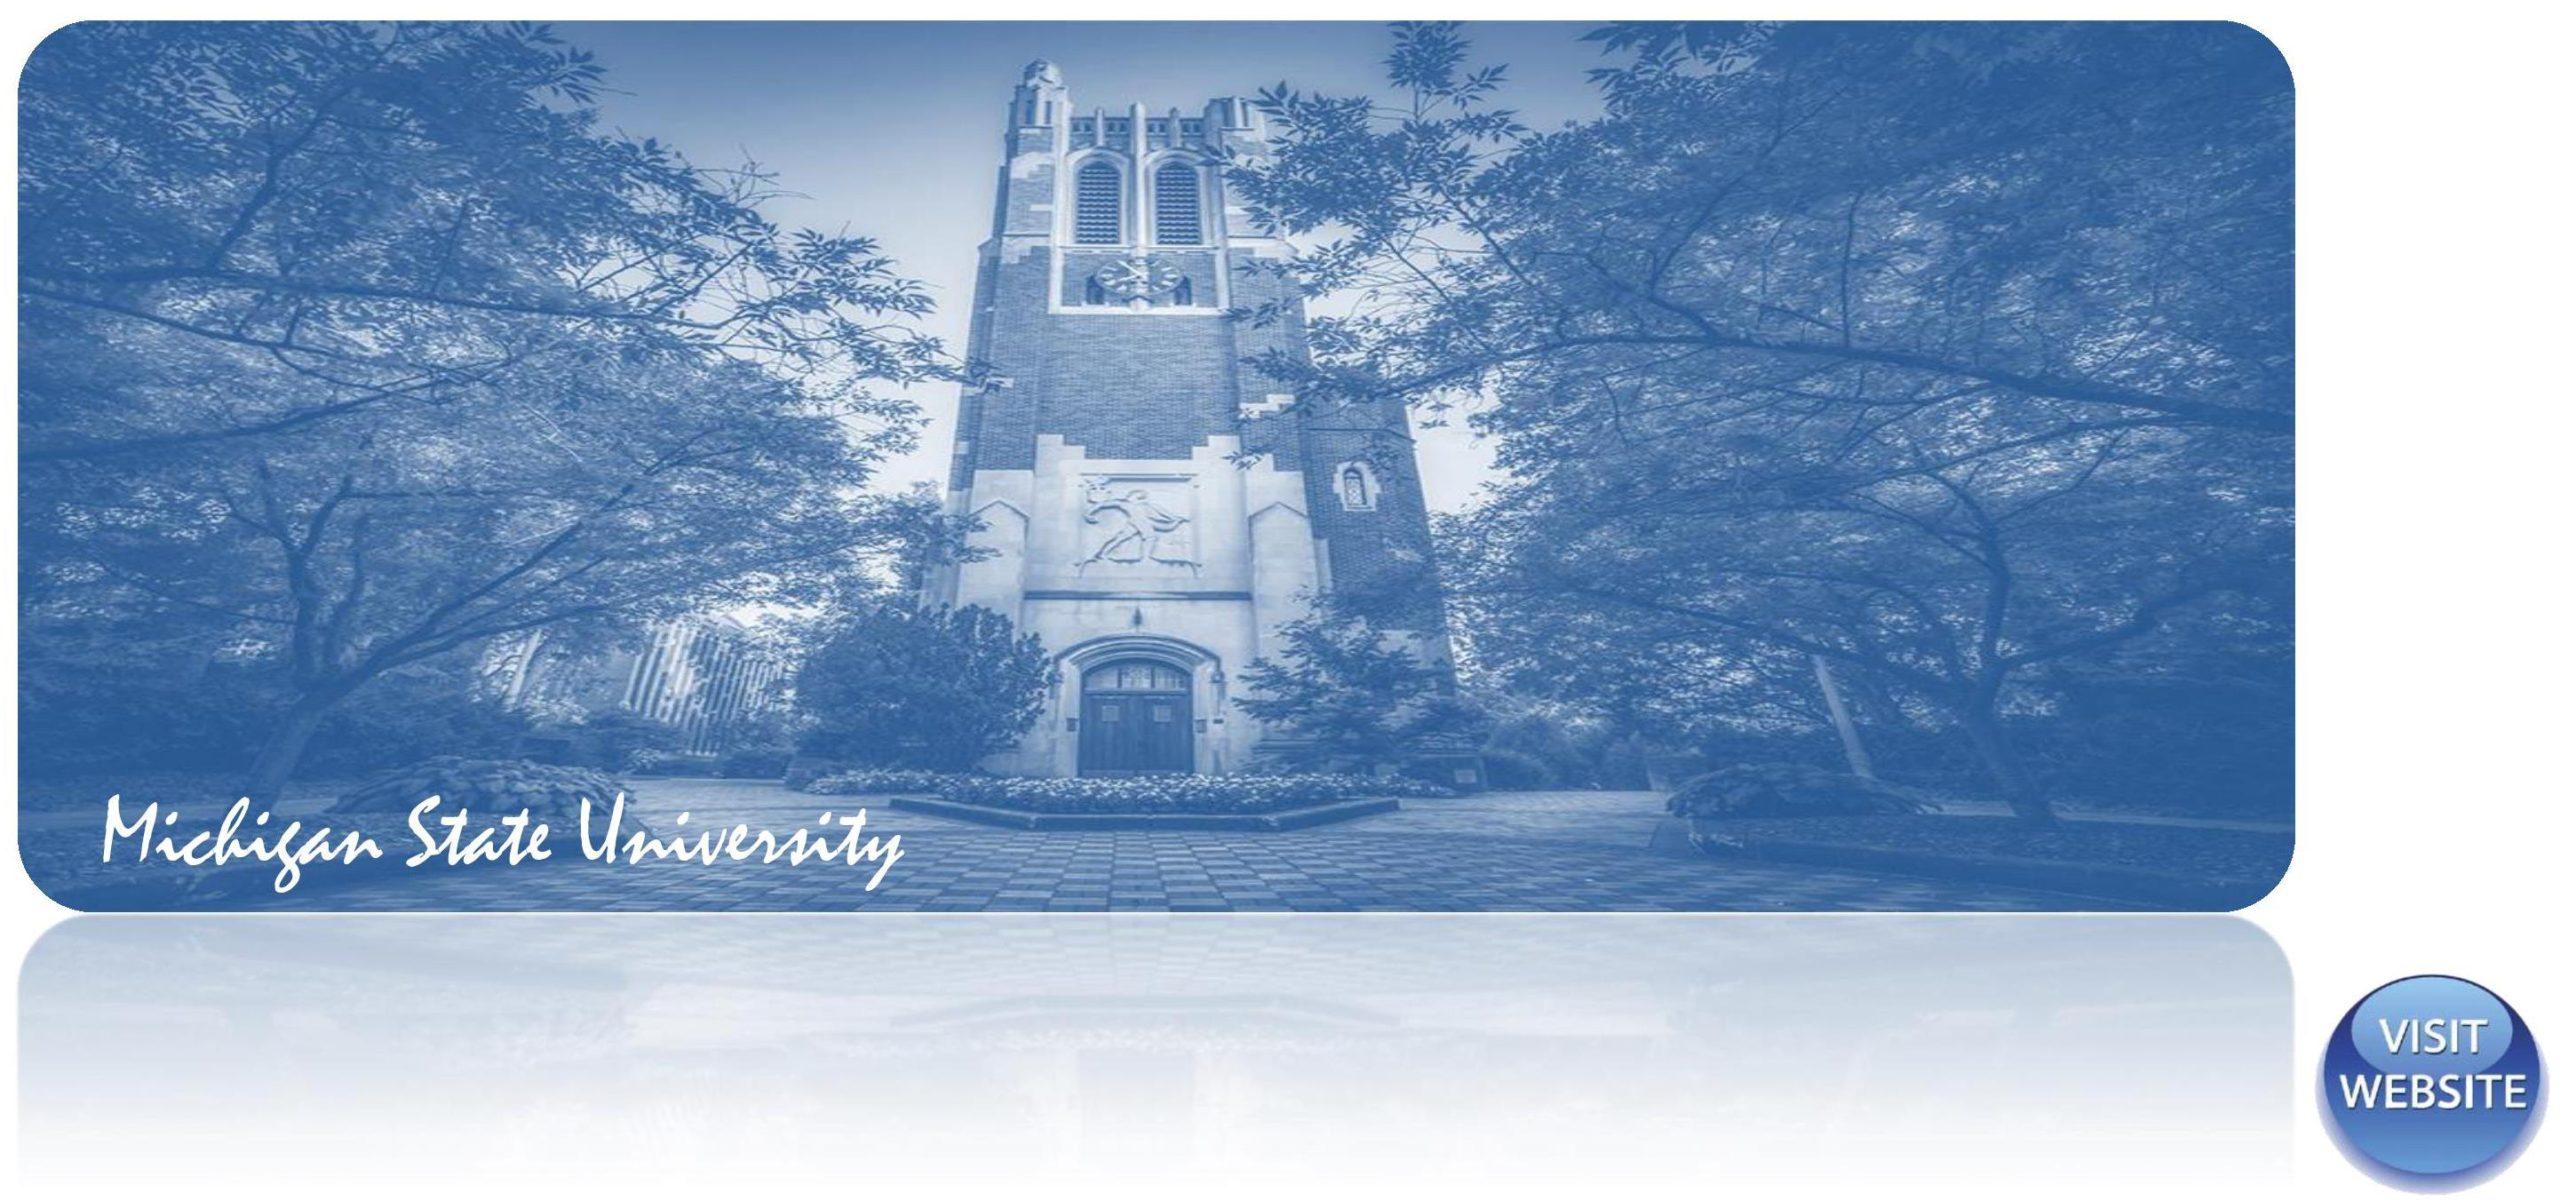 Michigan State University USA